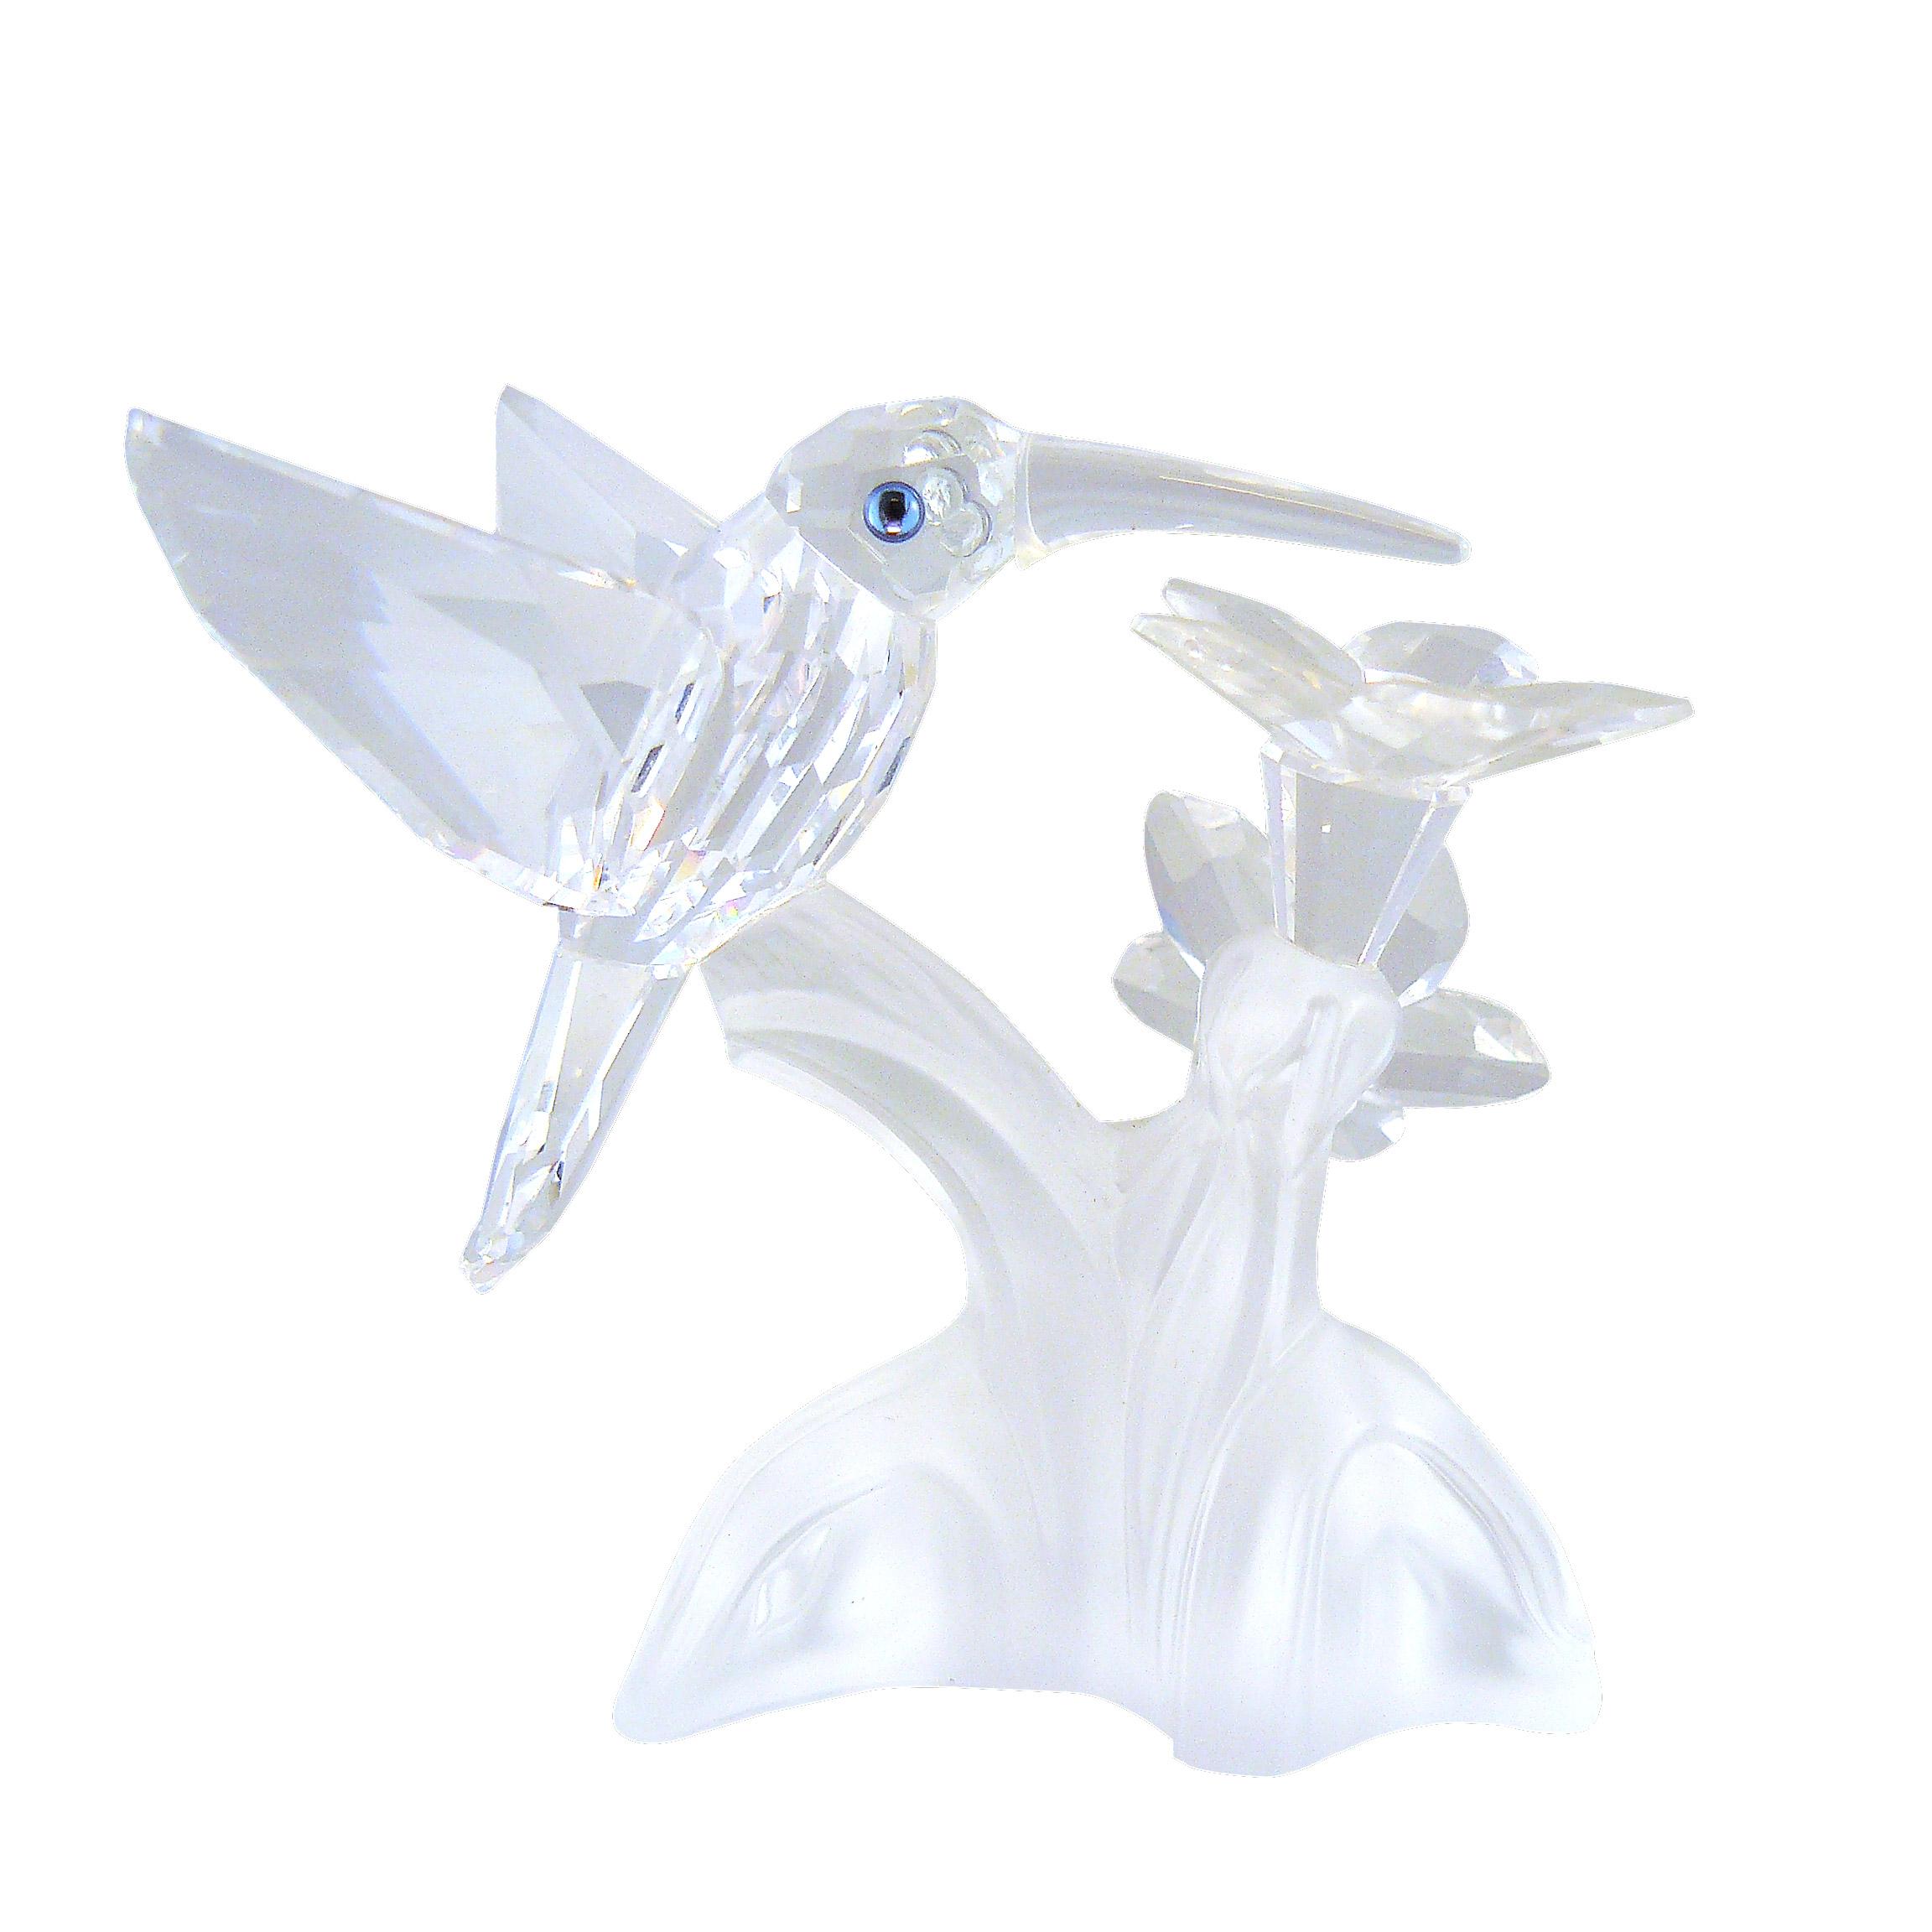 Swarovski Crystal Διακοσμητικό Πουλί